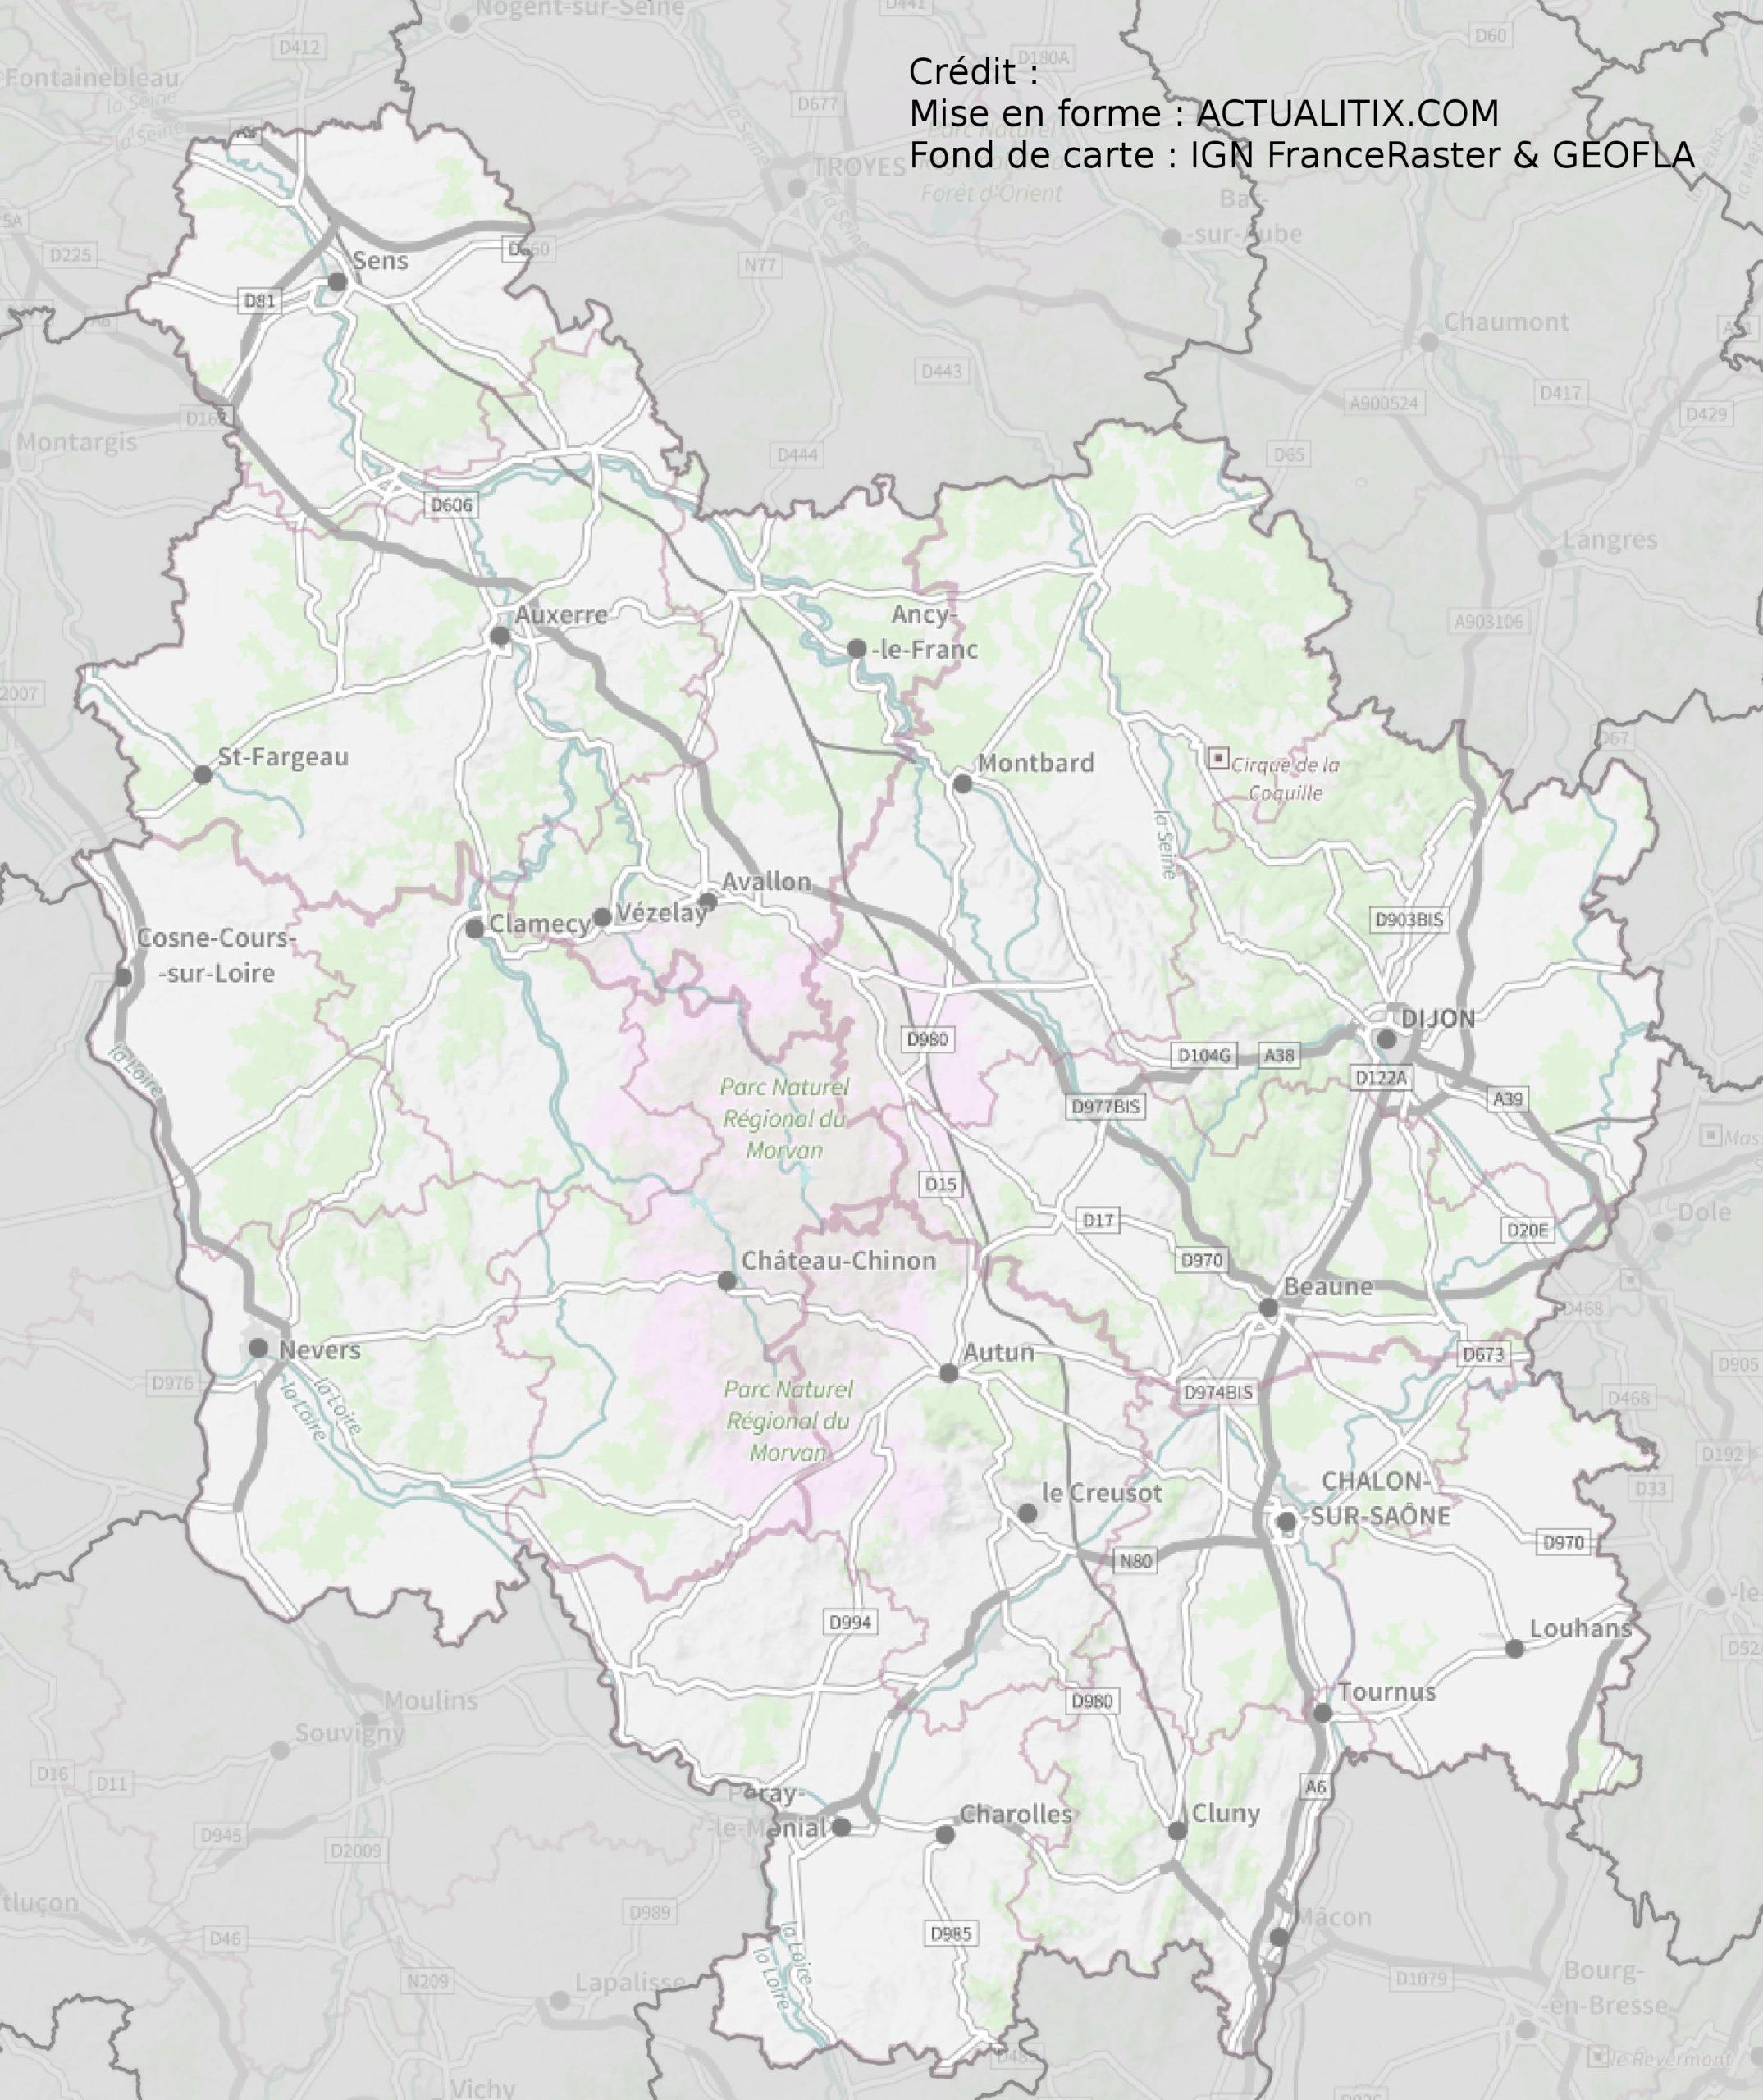 Carte de la Bourgogne - Découvrir la région avec des cartes